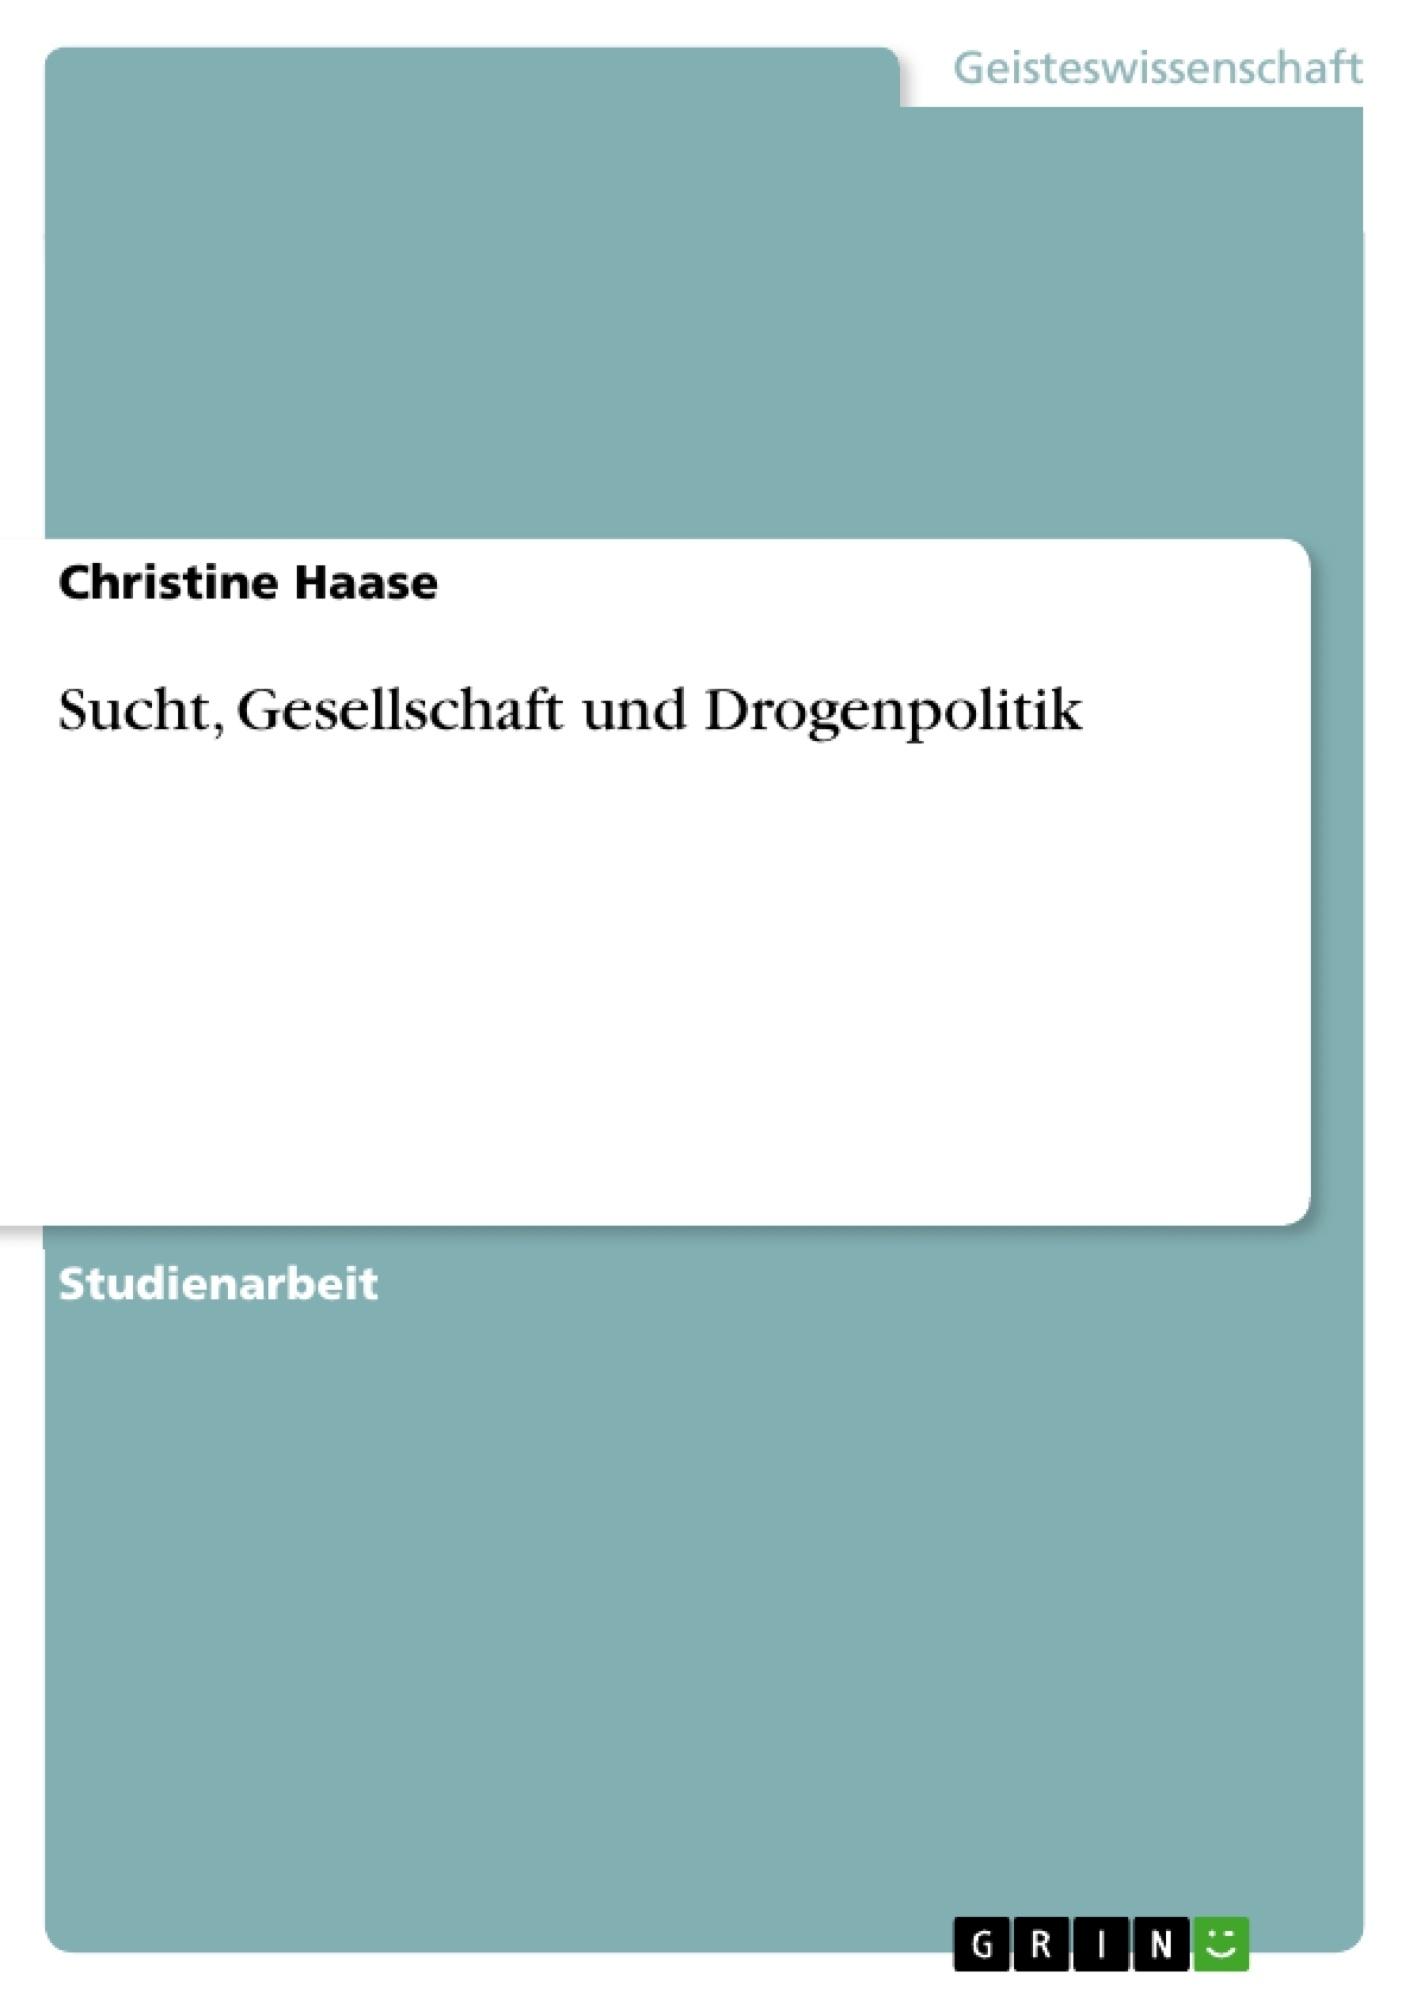 Titel: Sucht, Gesellschaft und Drogenpolitik